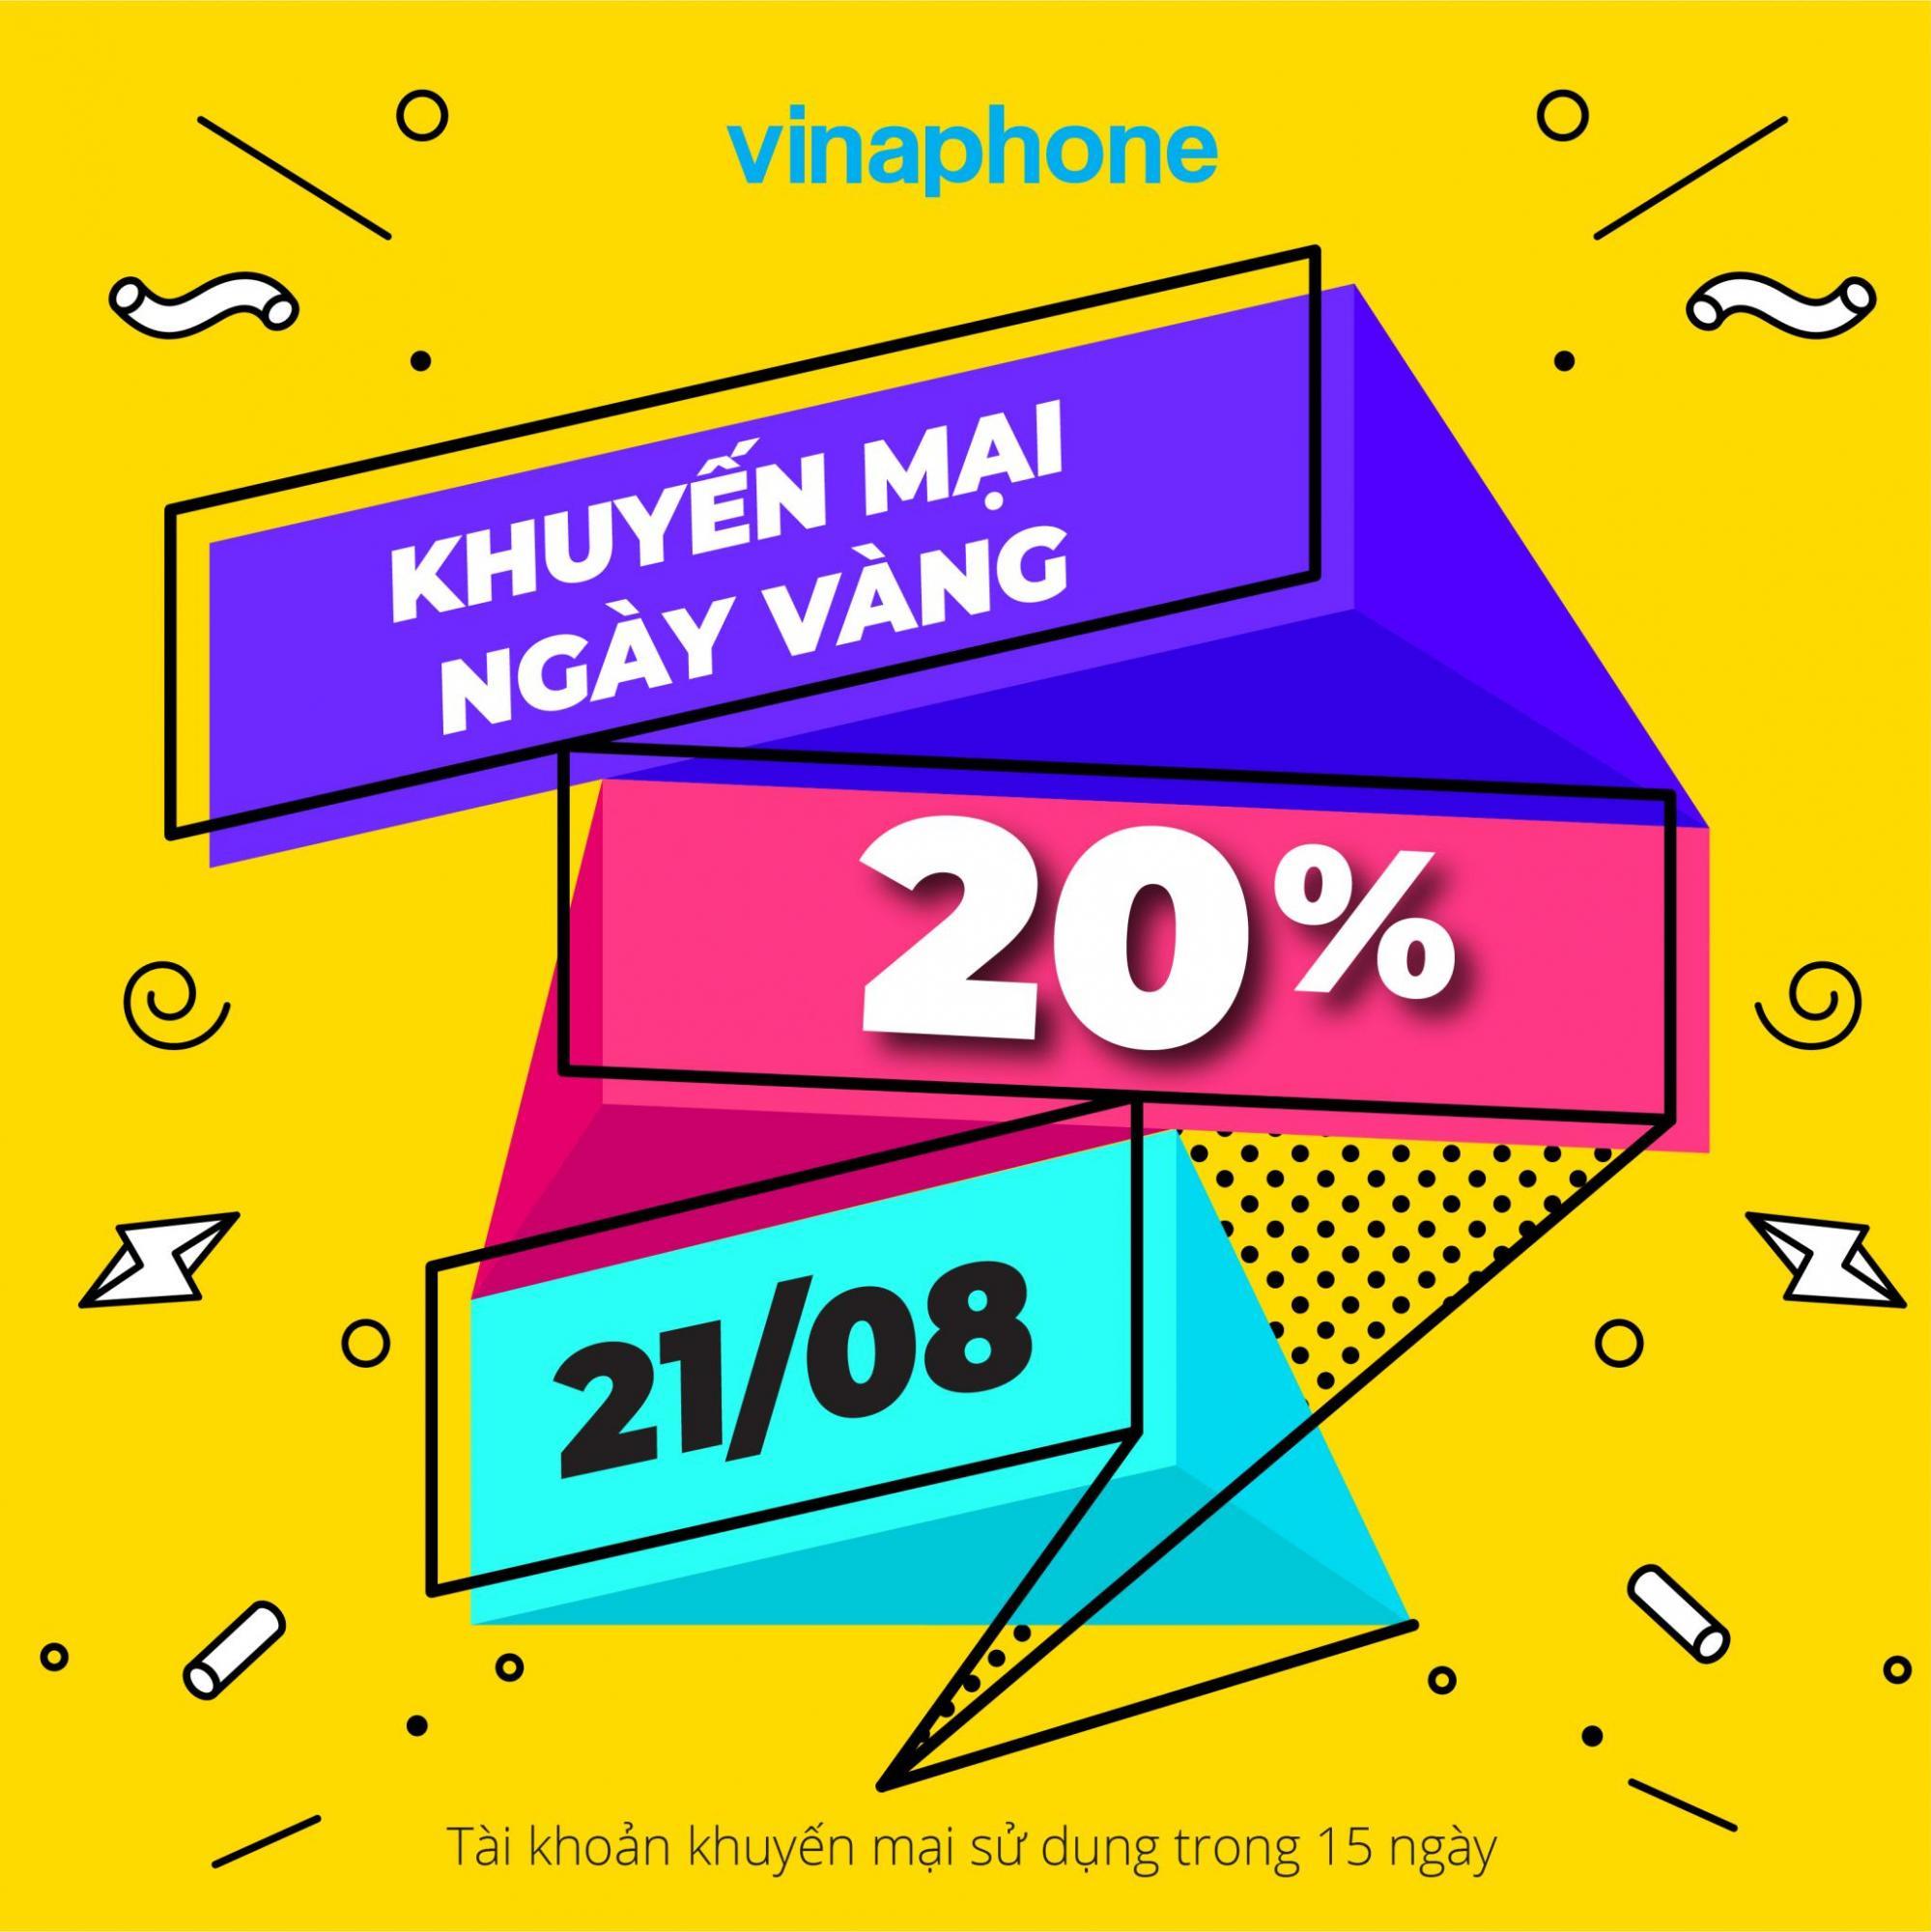 Vinaphone khuyến mãi tặng 20% giá trị thẻ nạp ngày vàng 21/8/2020